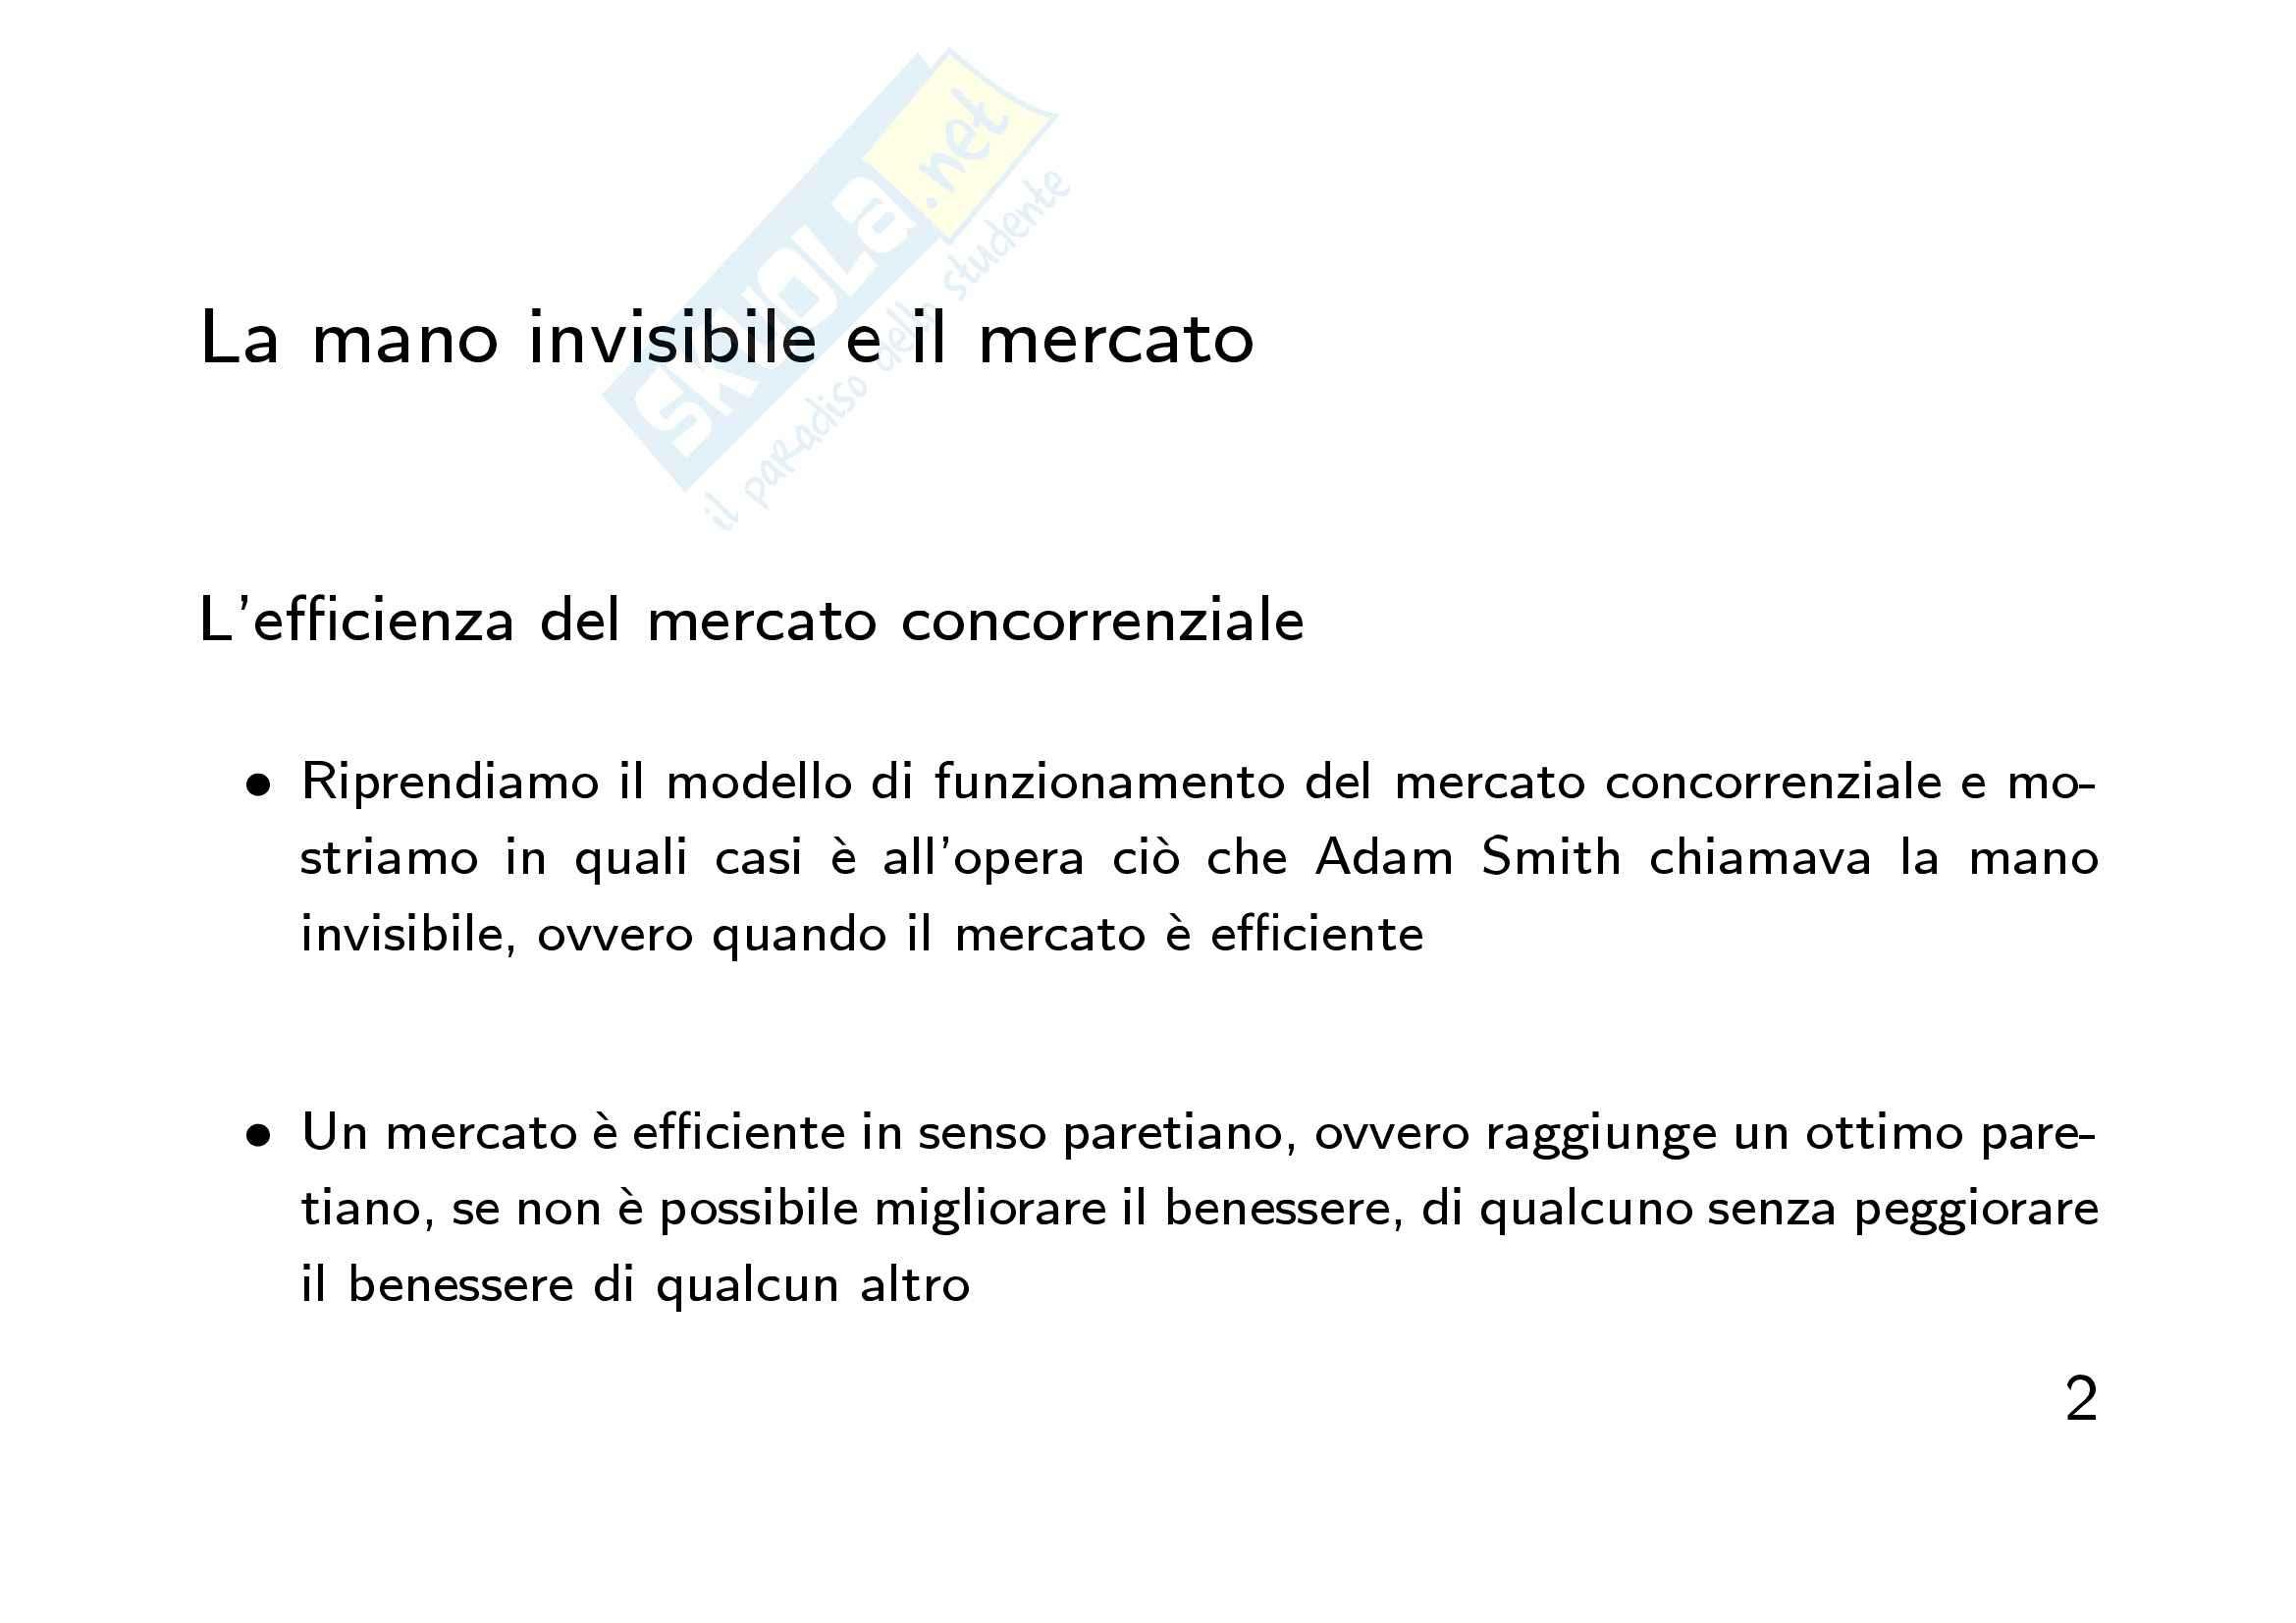 Economia finanziaria - la  mano invisibile Pag. 2